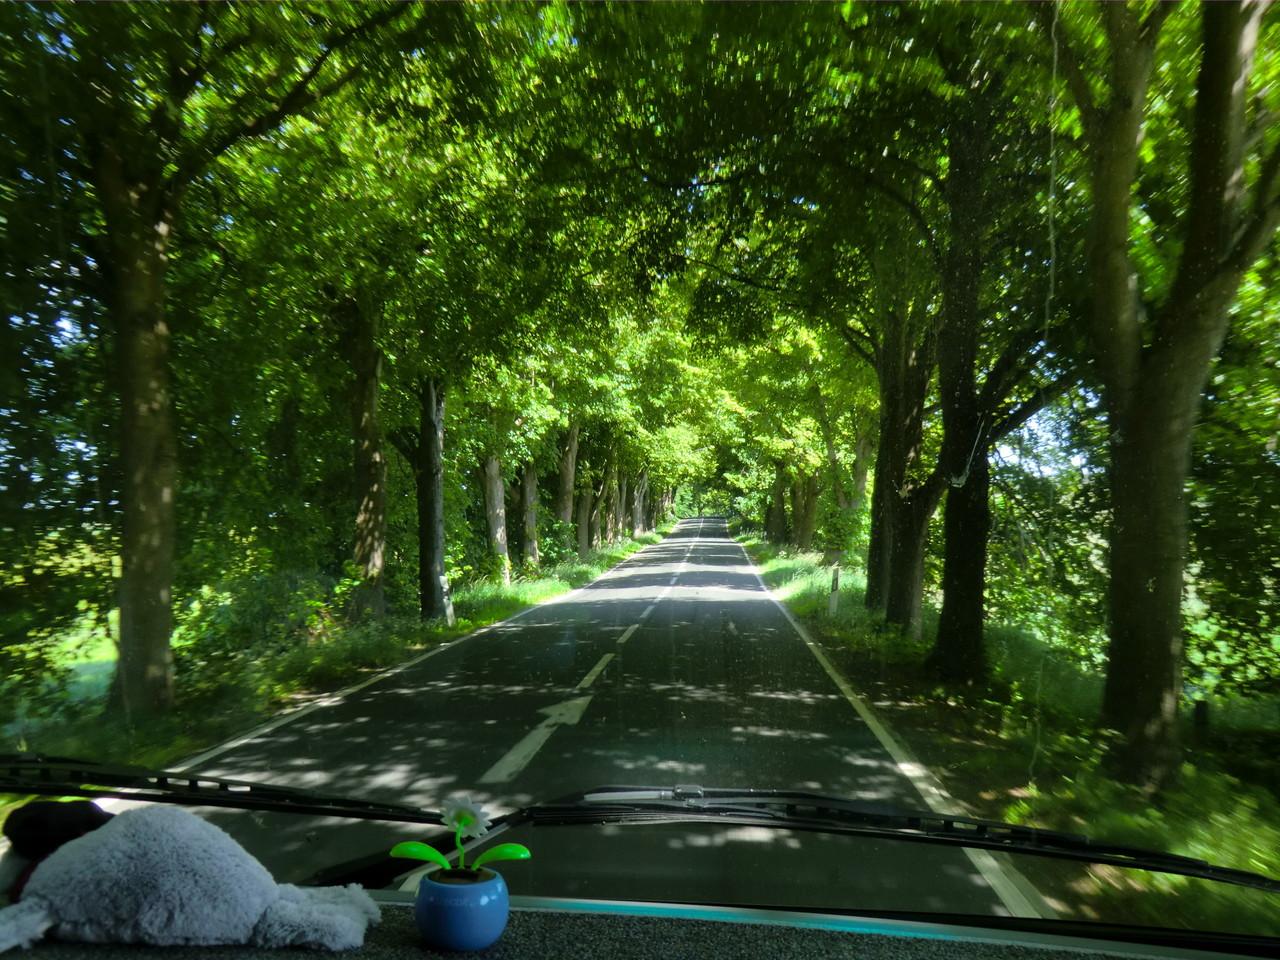 entlang von Baumalleen